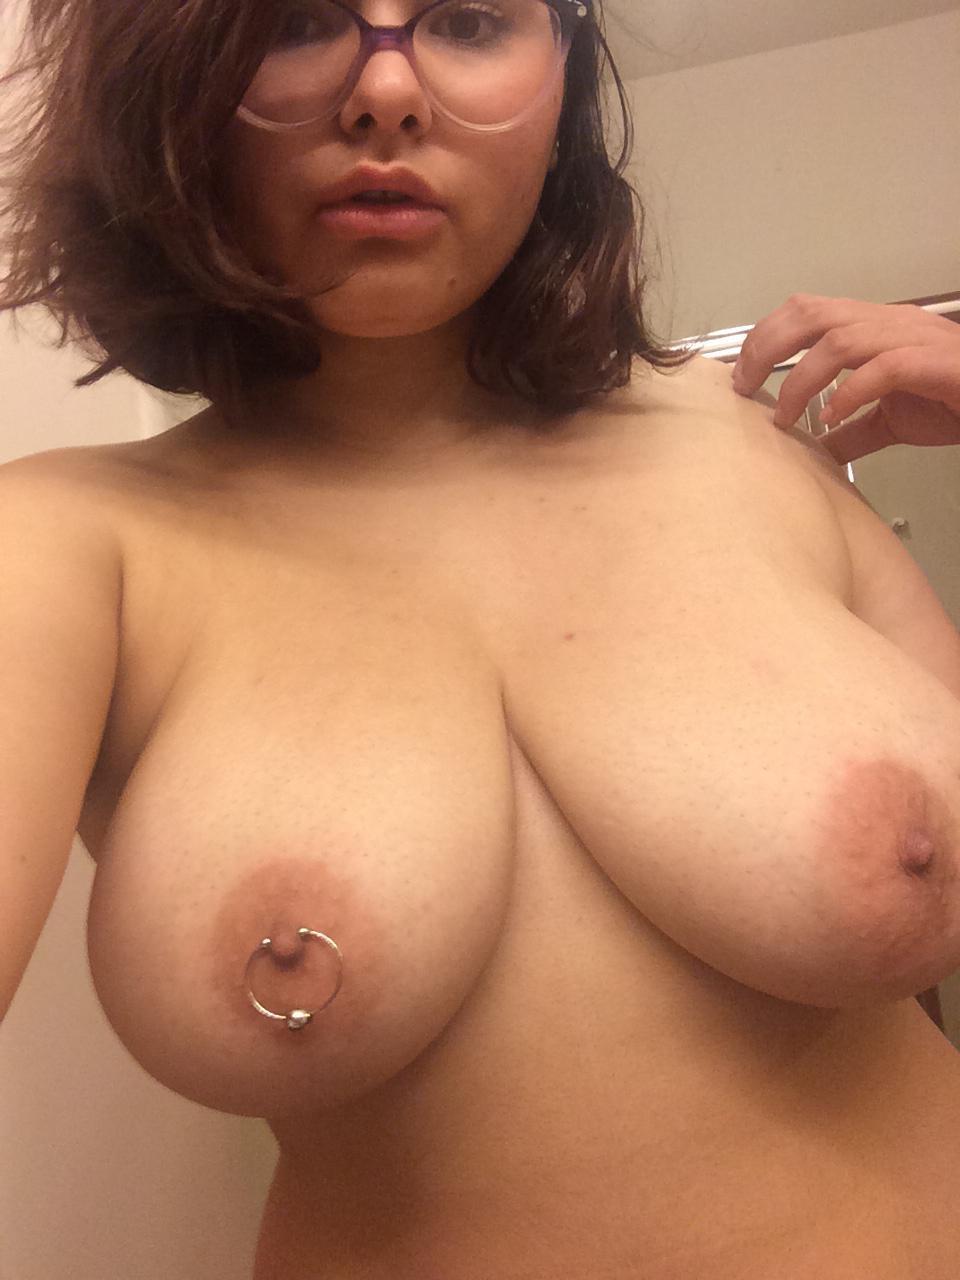 Superb big boobs